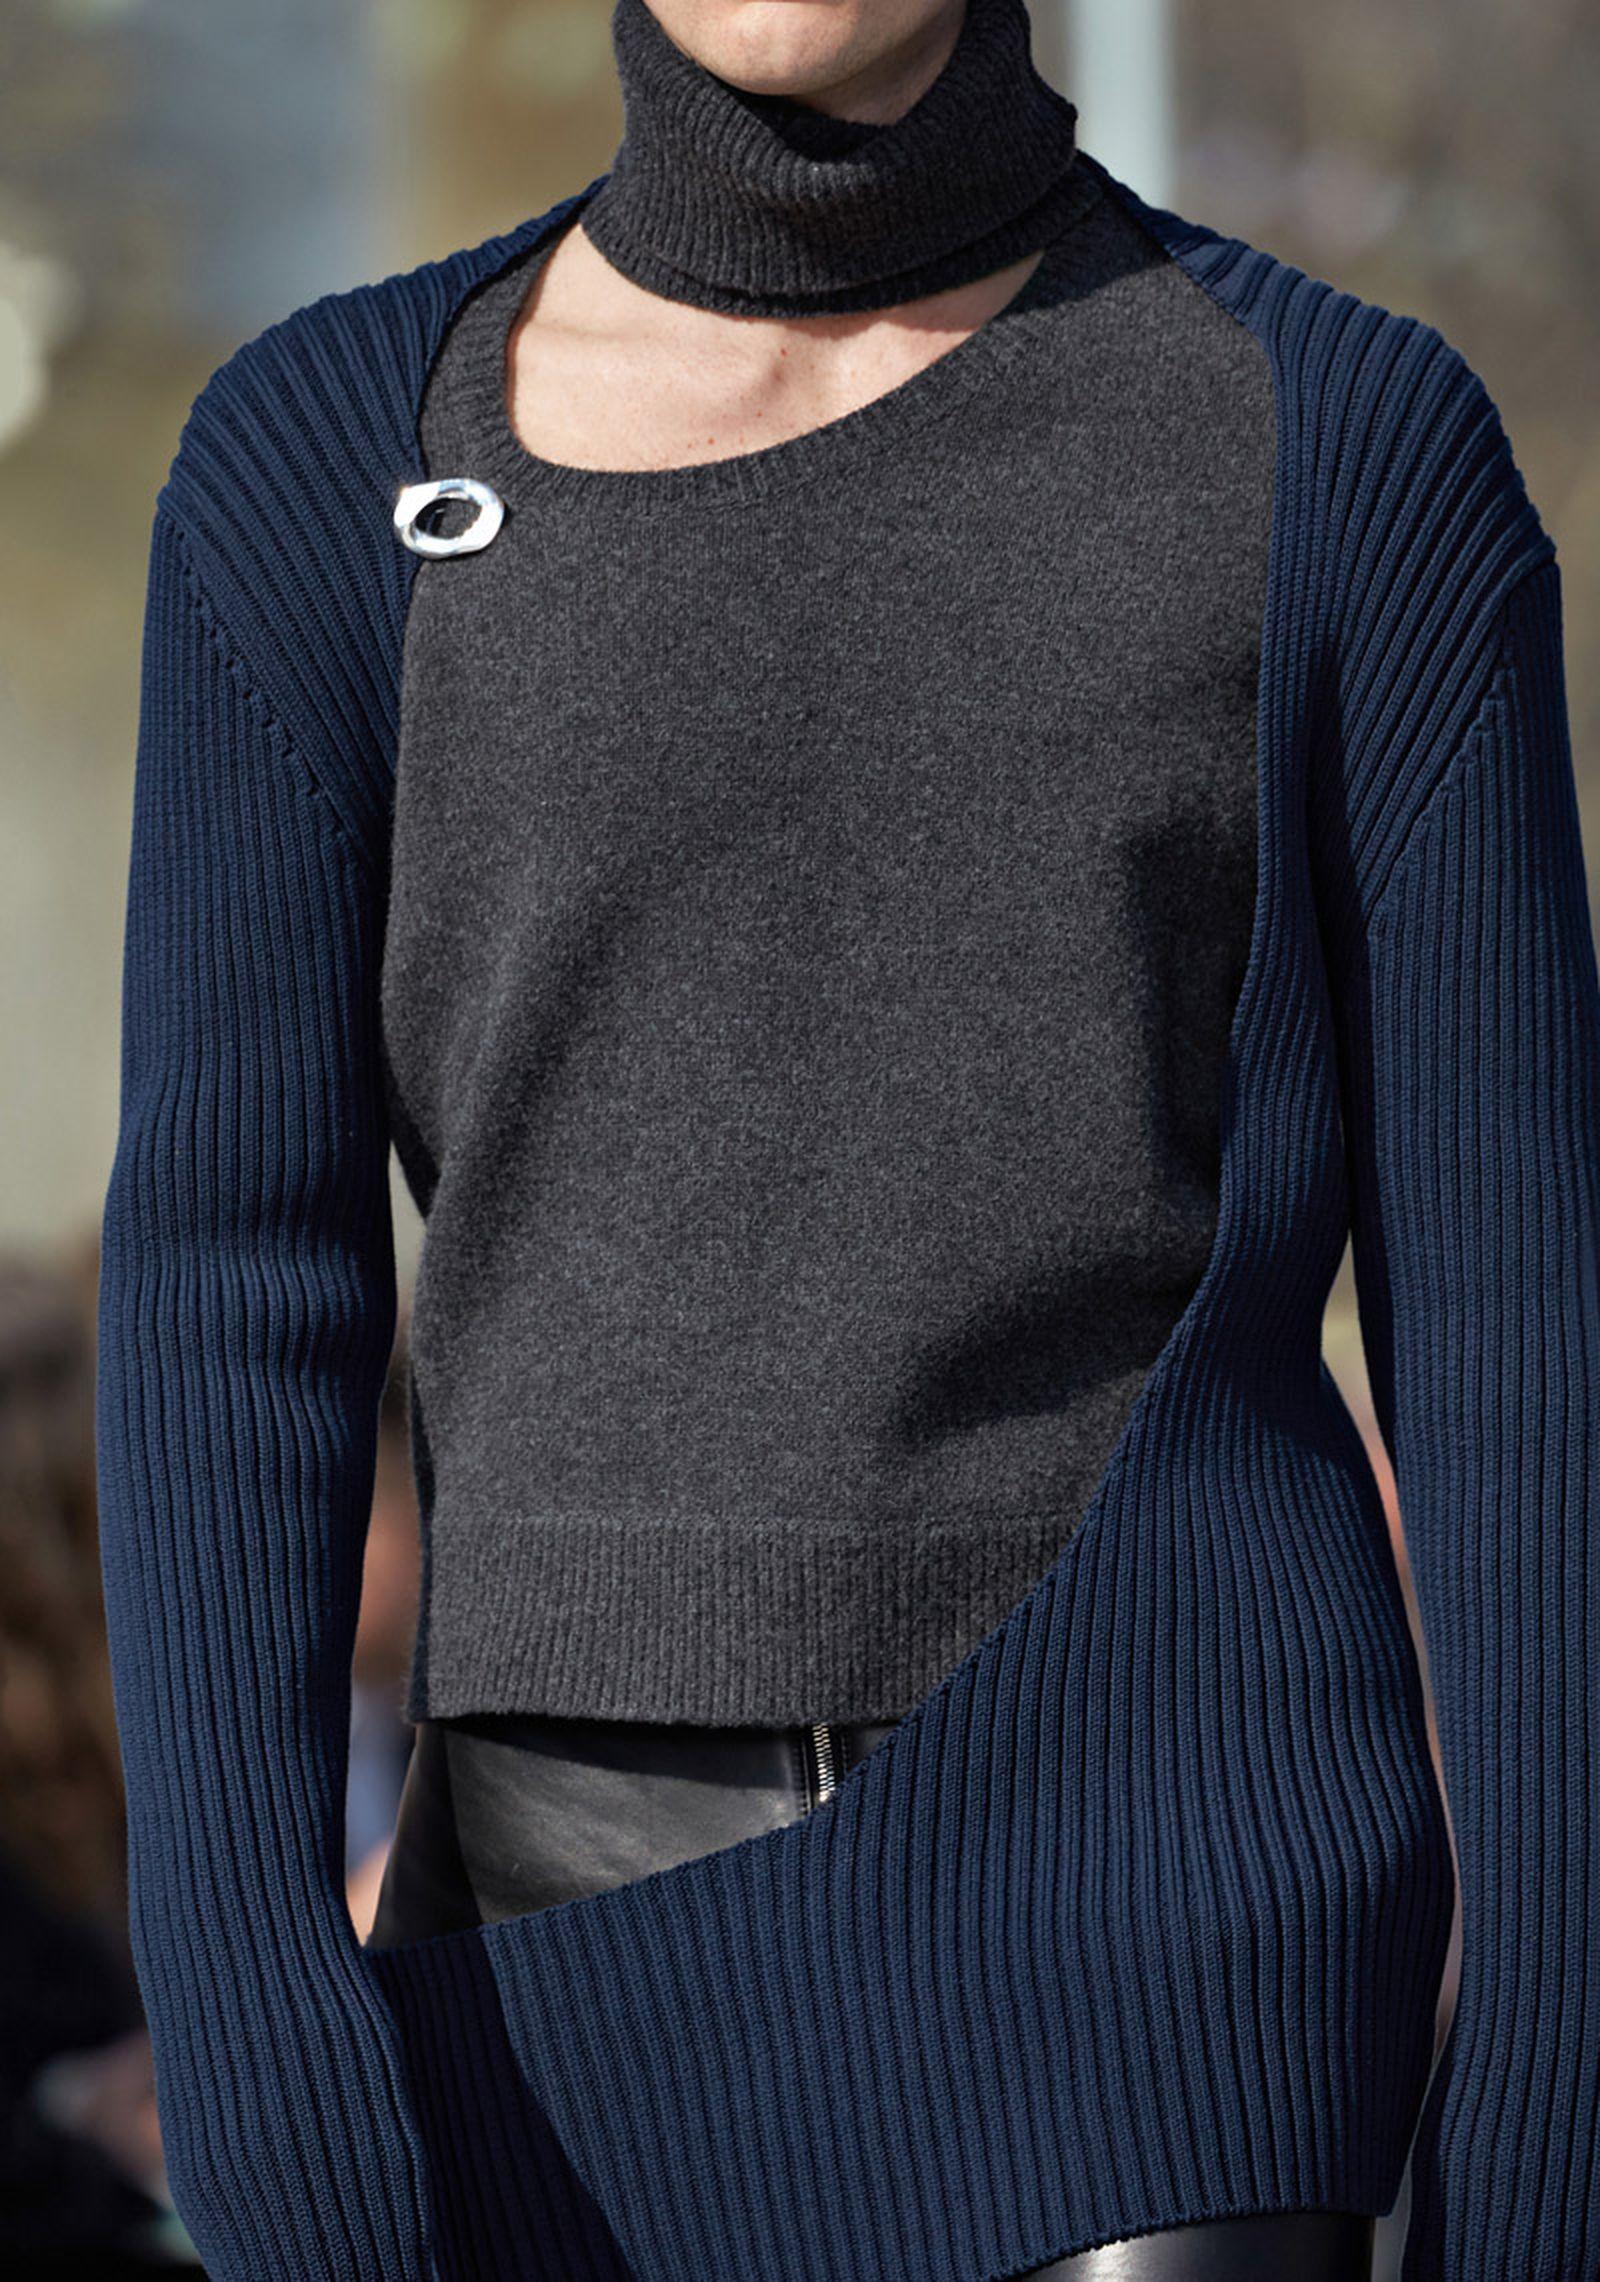 bottega-veneta-is-bringing-timeless-luxury-back-to-fashion-12